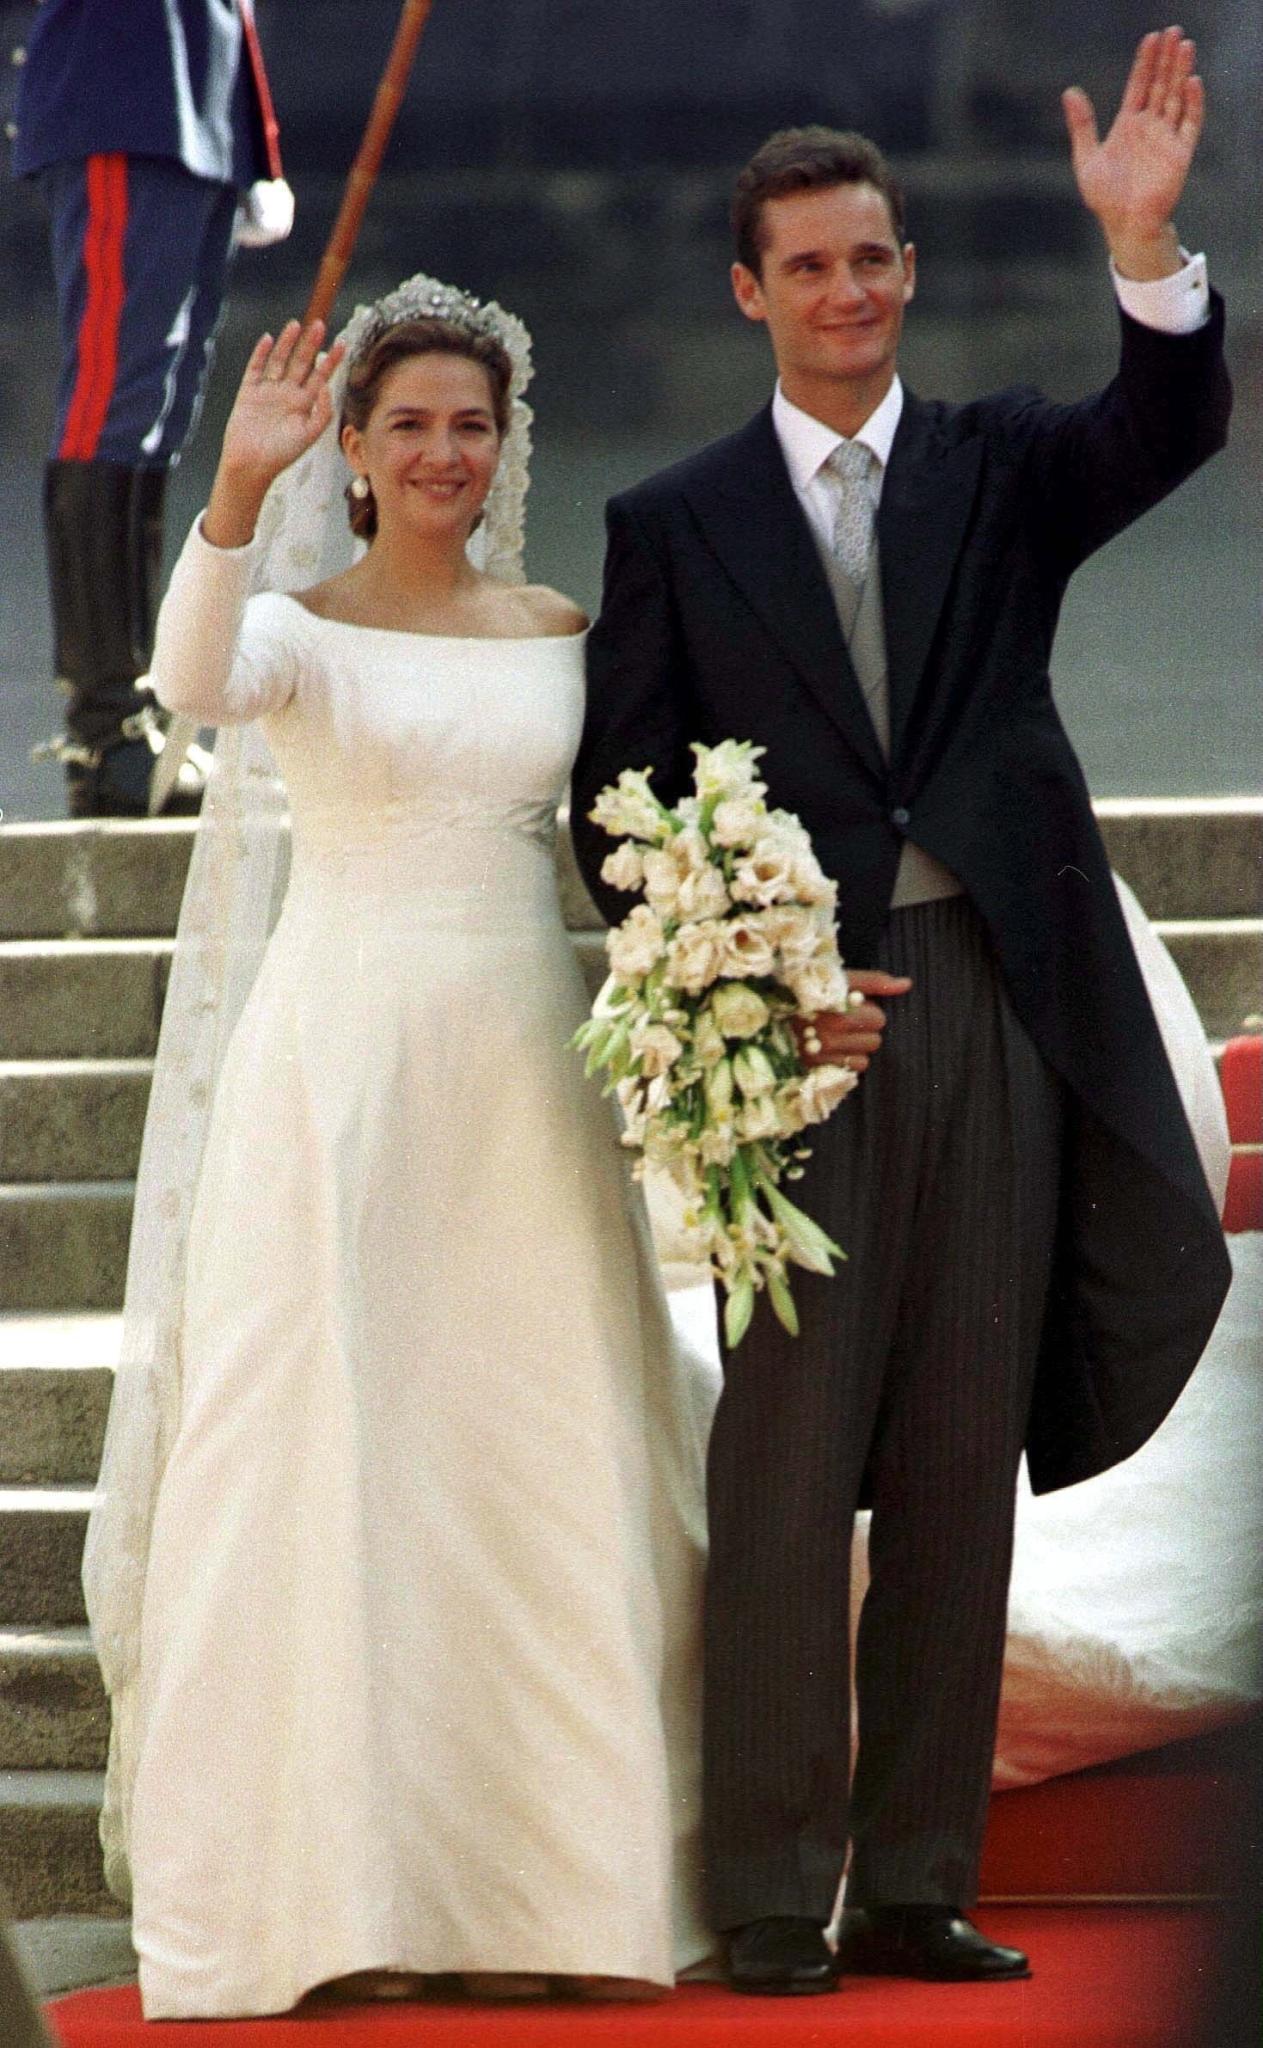 Die spektakuläre Hochzeit von Prinzessin Cristina und Inaki Urdangarin fand am 4. Oktober 1997 in Barcelona statt.